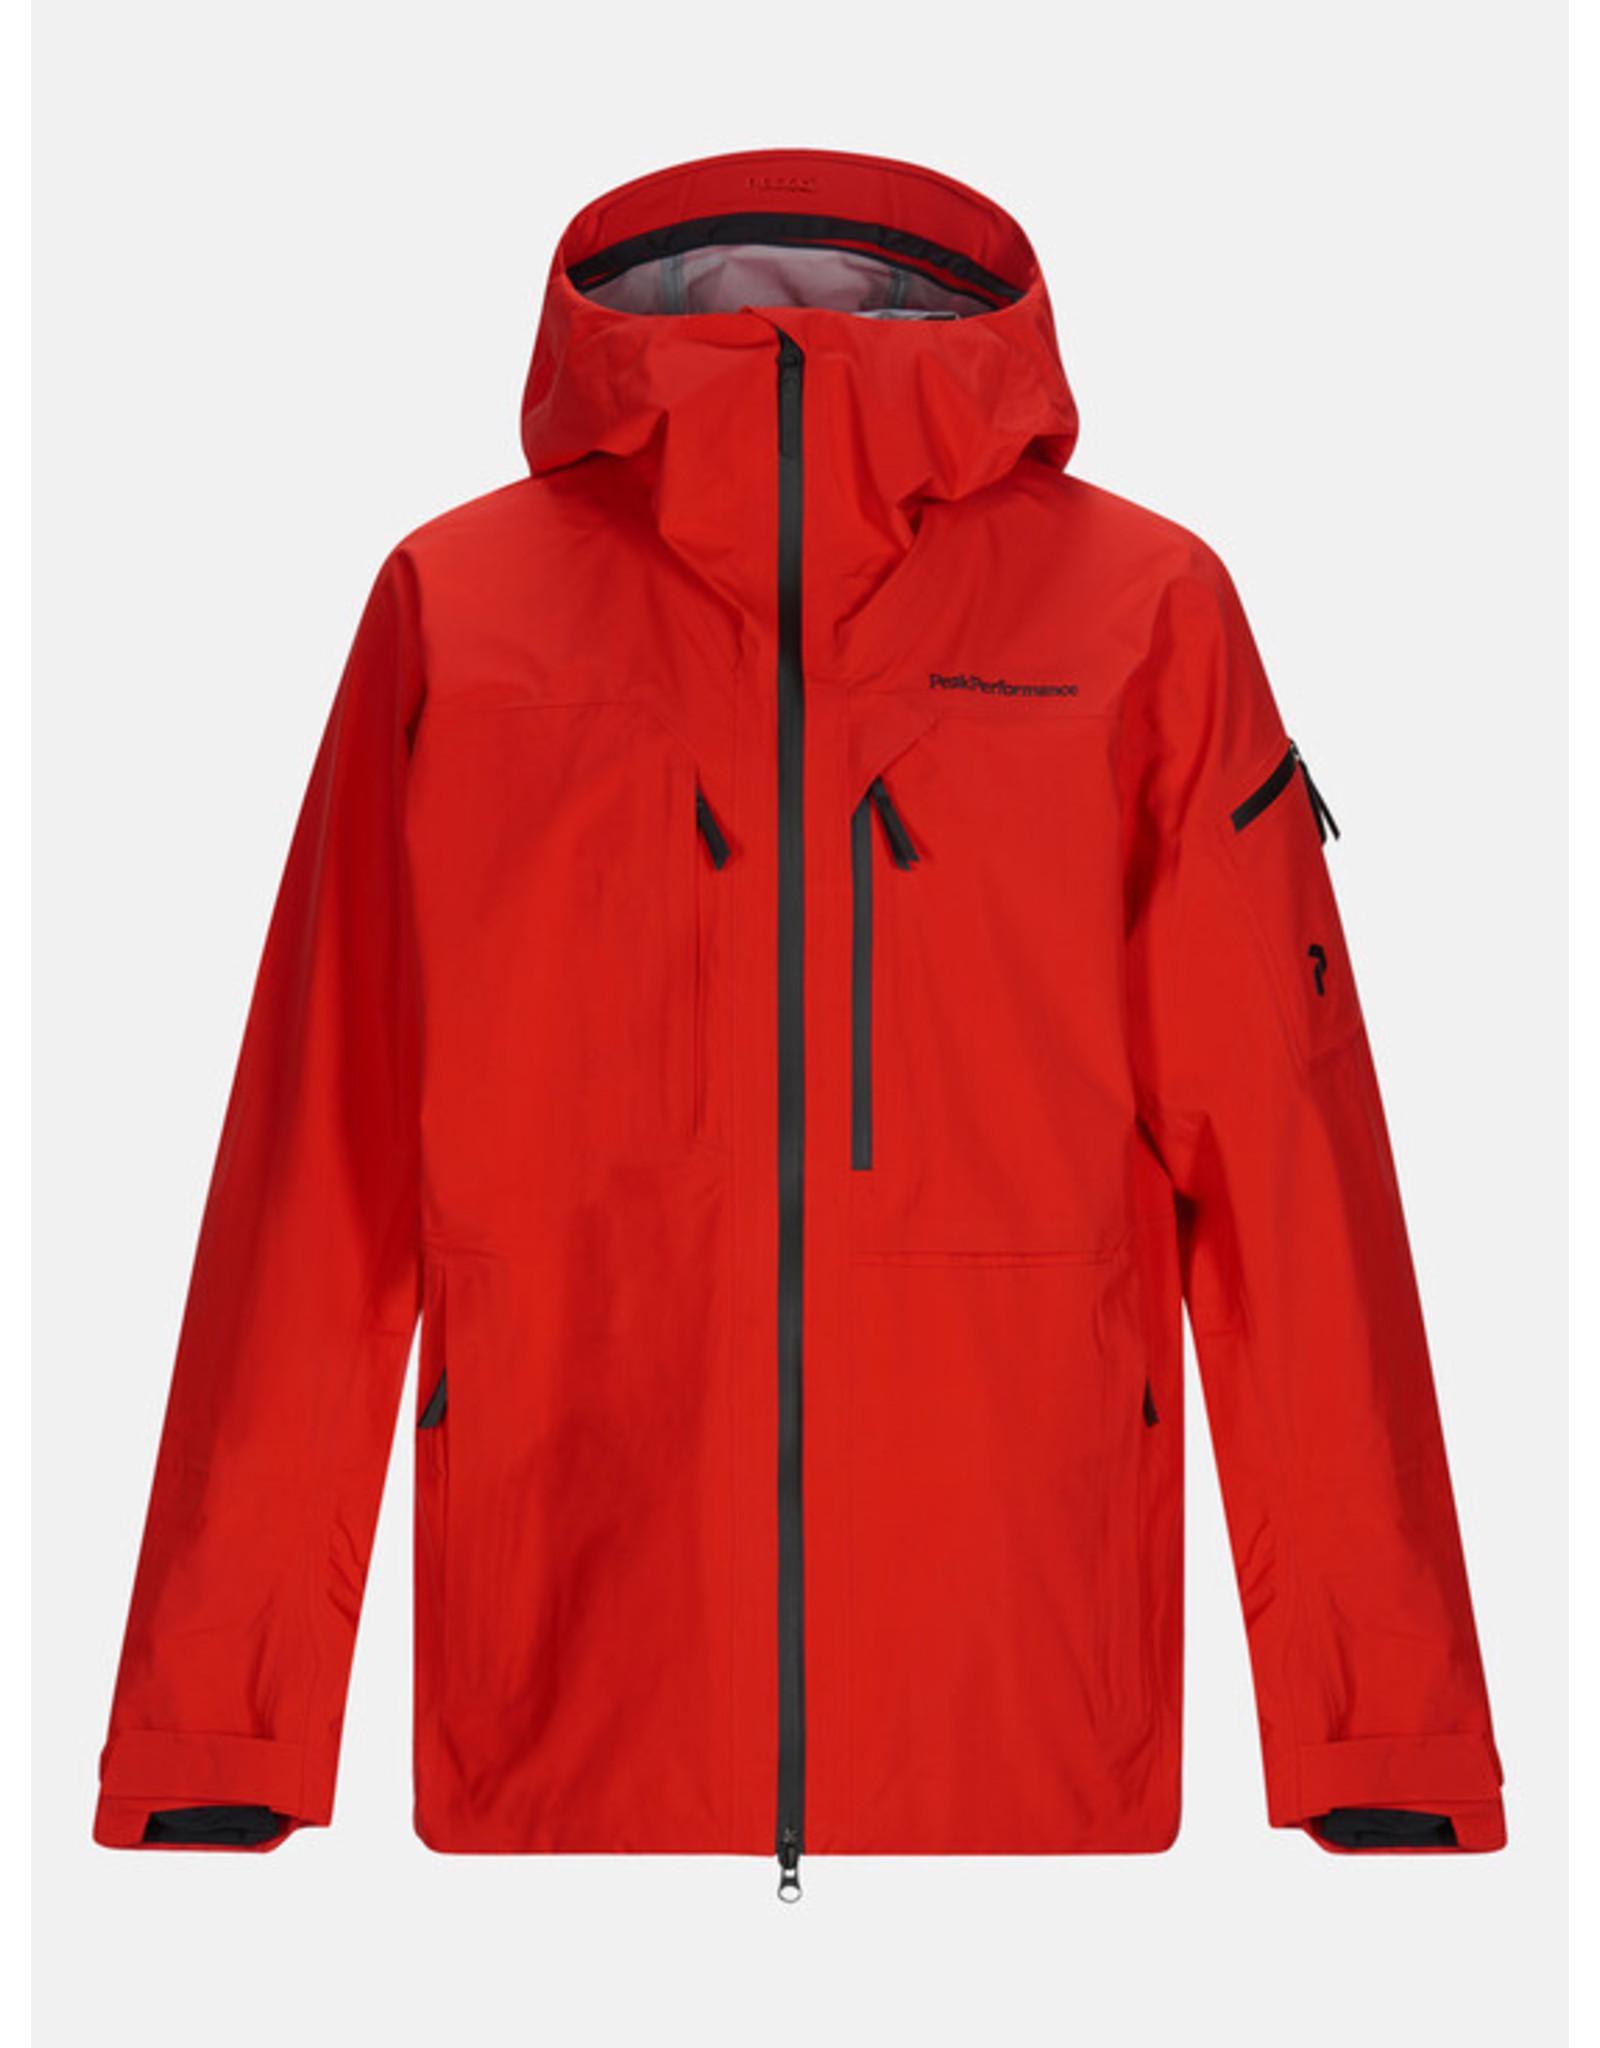 Peak Performance Alpine Jacket 2020